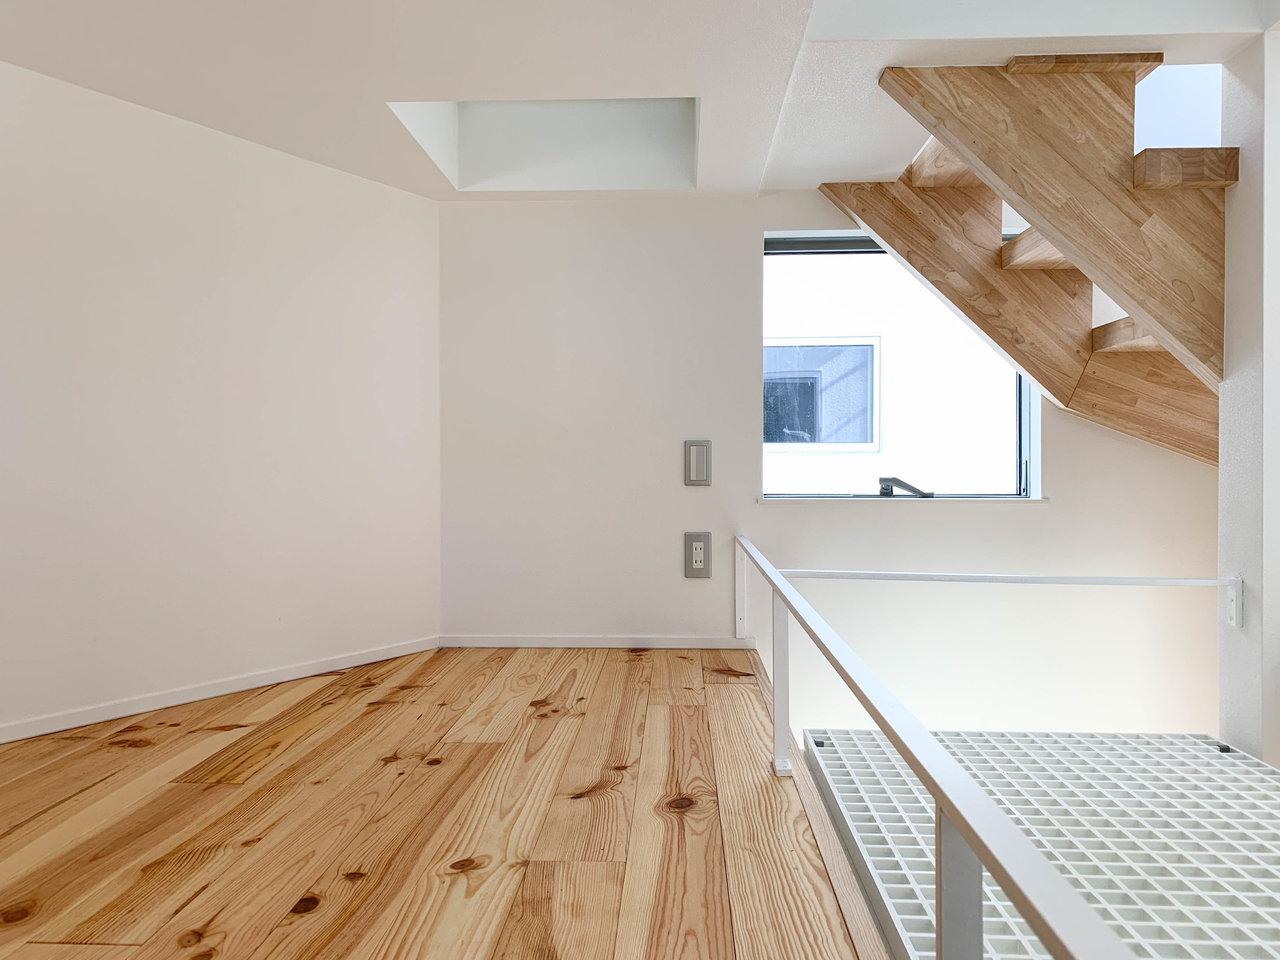 3階を寝室にするとなると、このロフト部分は二人の趣味部屋か、収納スペースに活用すると良さそうですね。